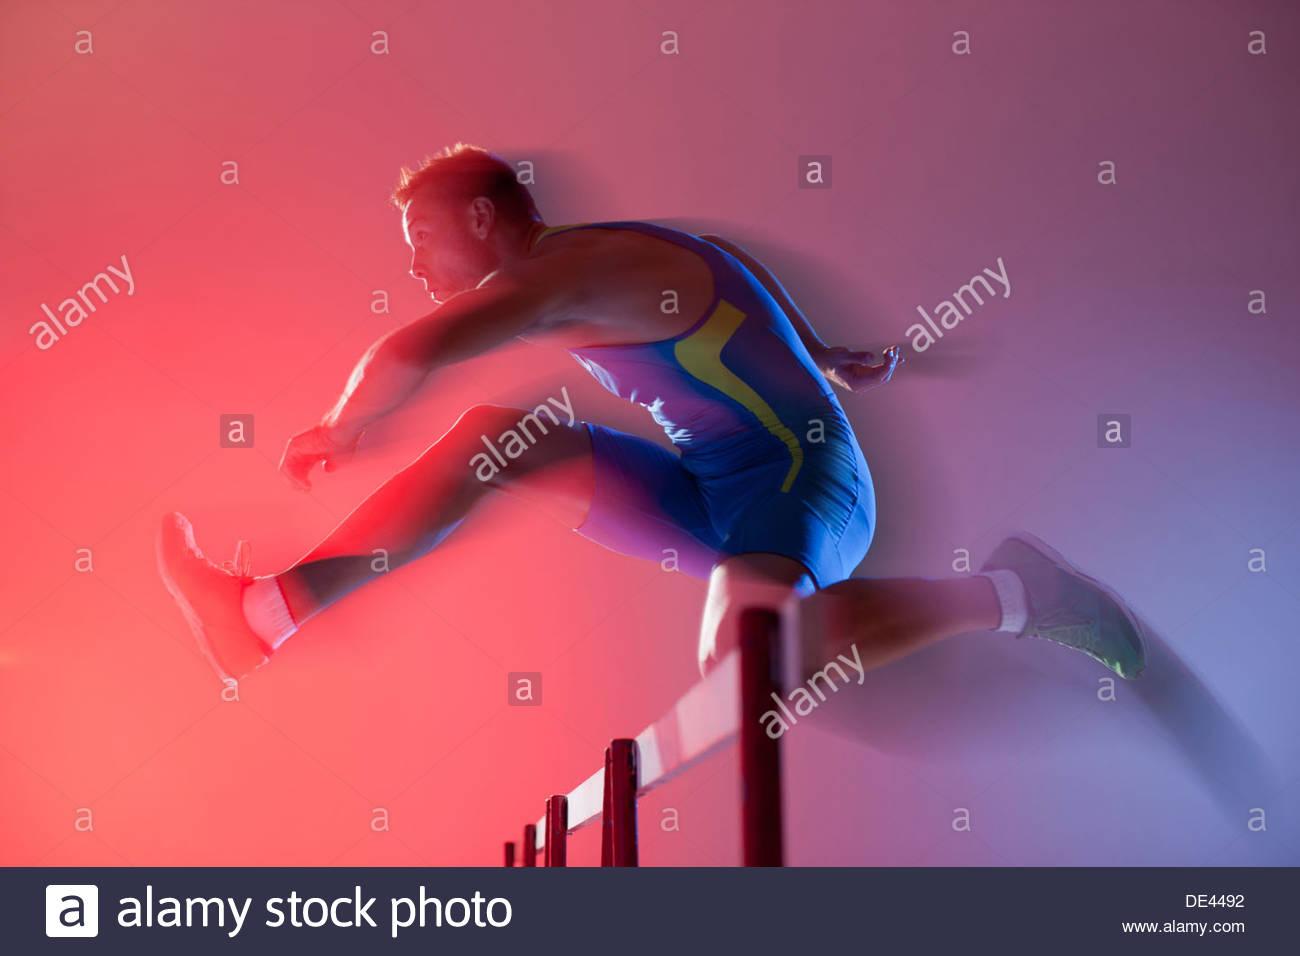 Vue brouillée de saut d'obstacles de l'athlète Photo Stock